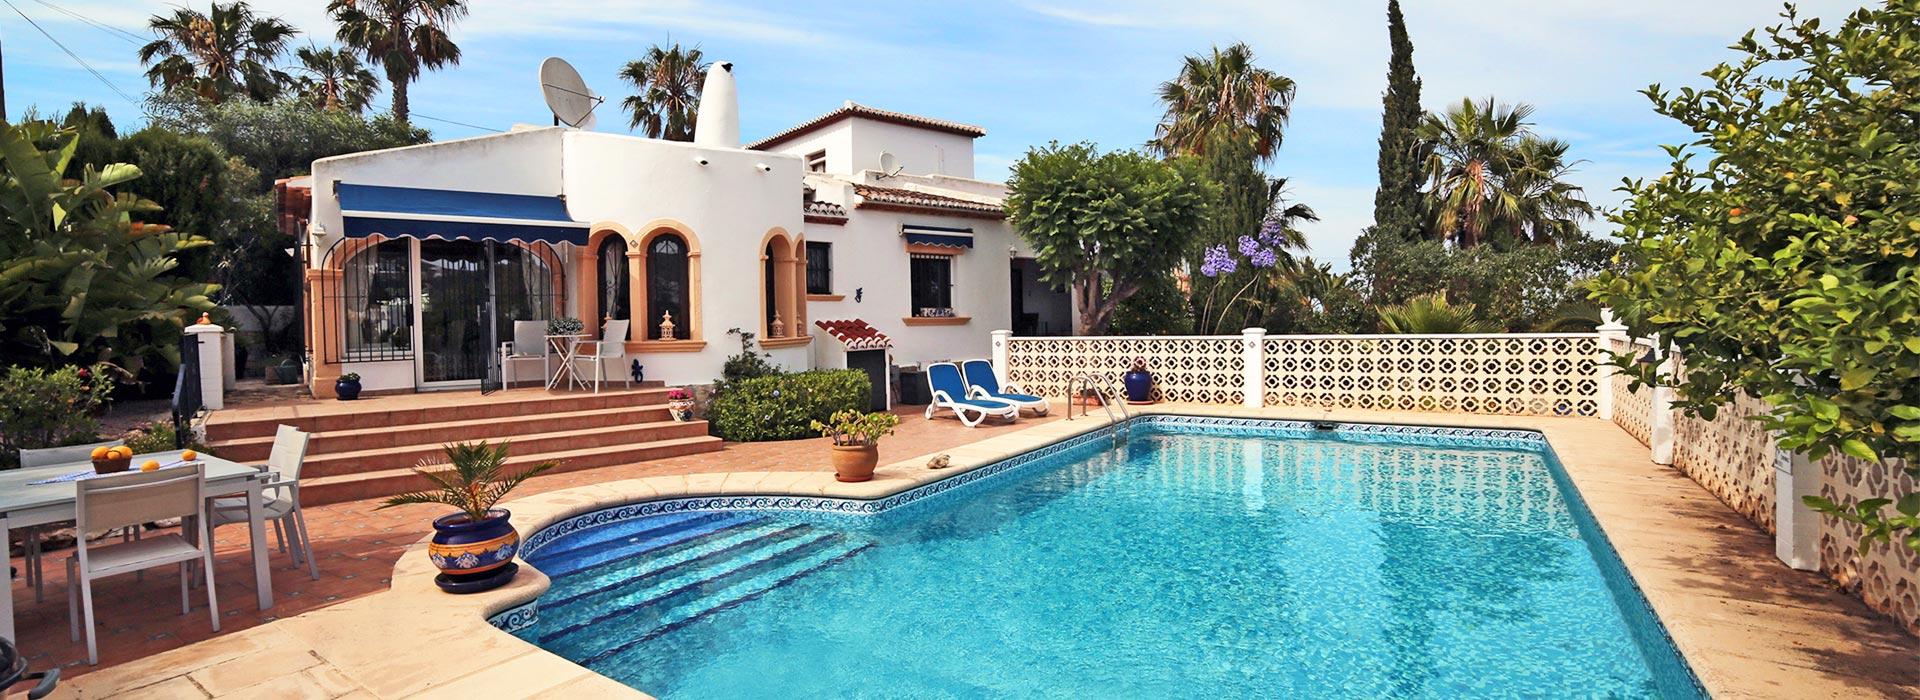 acb.immo - Villa de 4 chambres avec maison d'invités à Javea